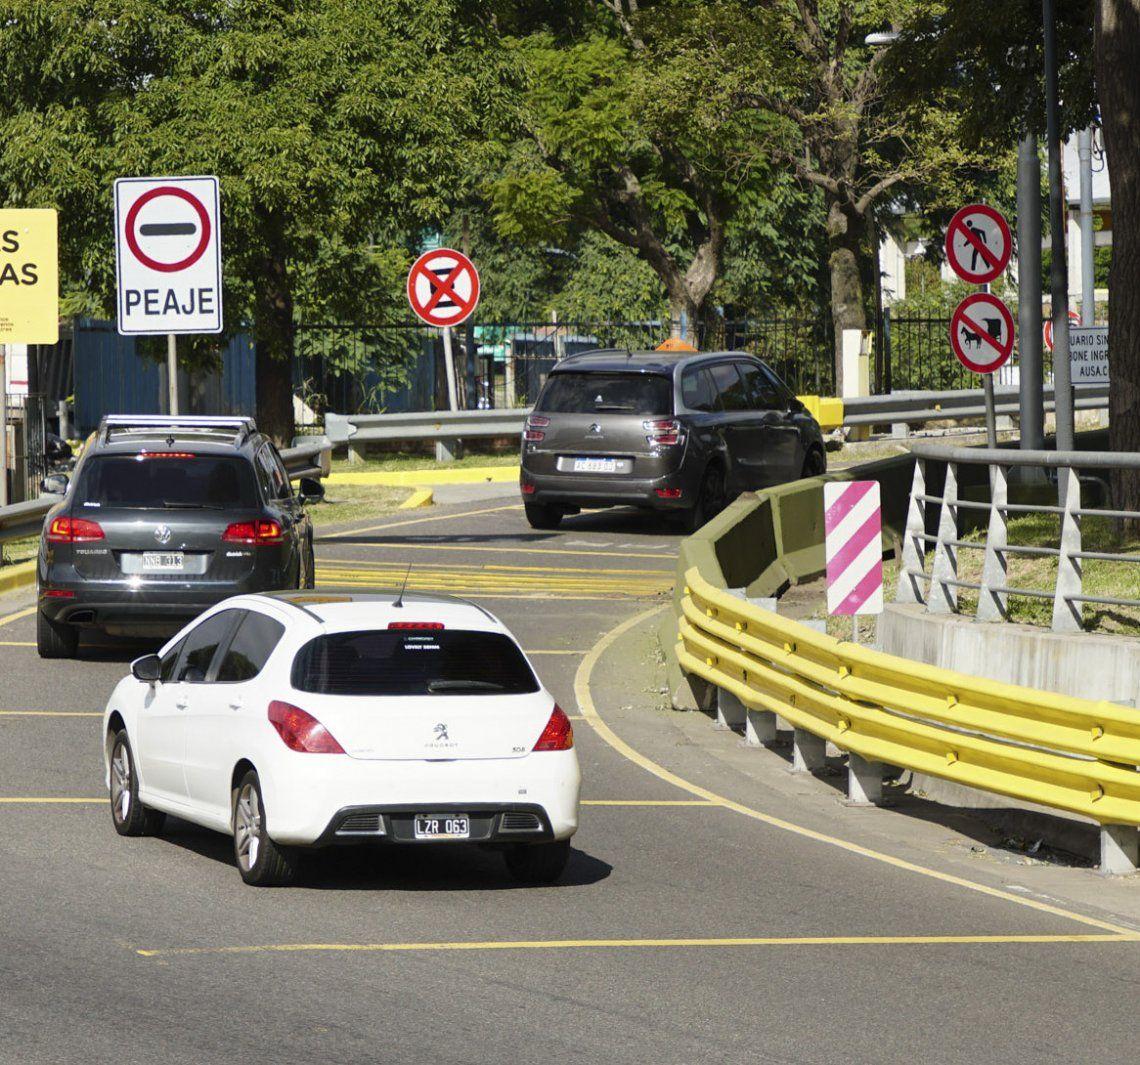 La media anual del parque automotor argentino es de 12.322 kilómetros.